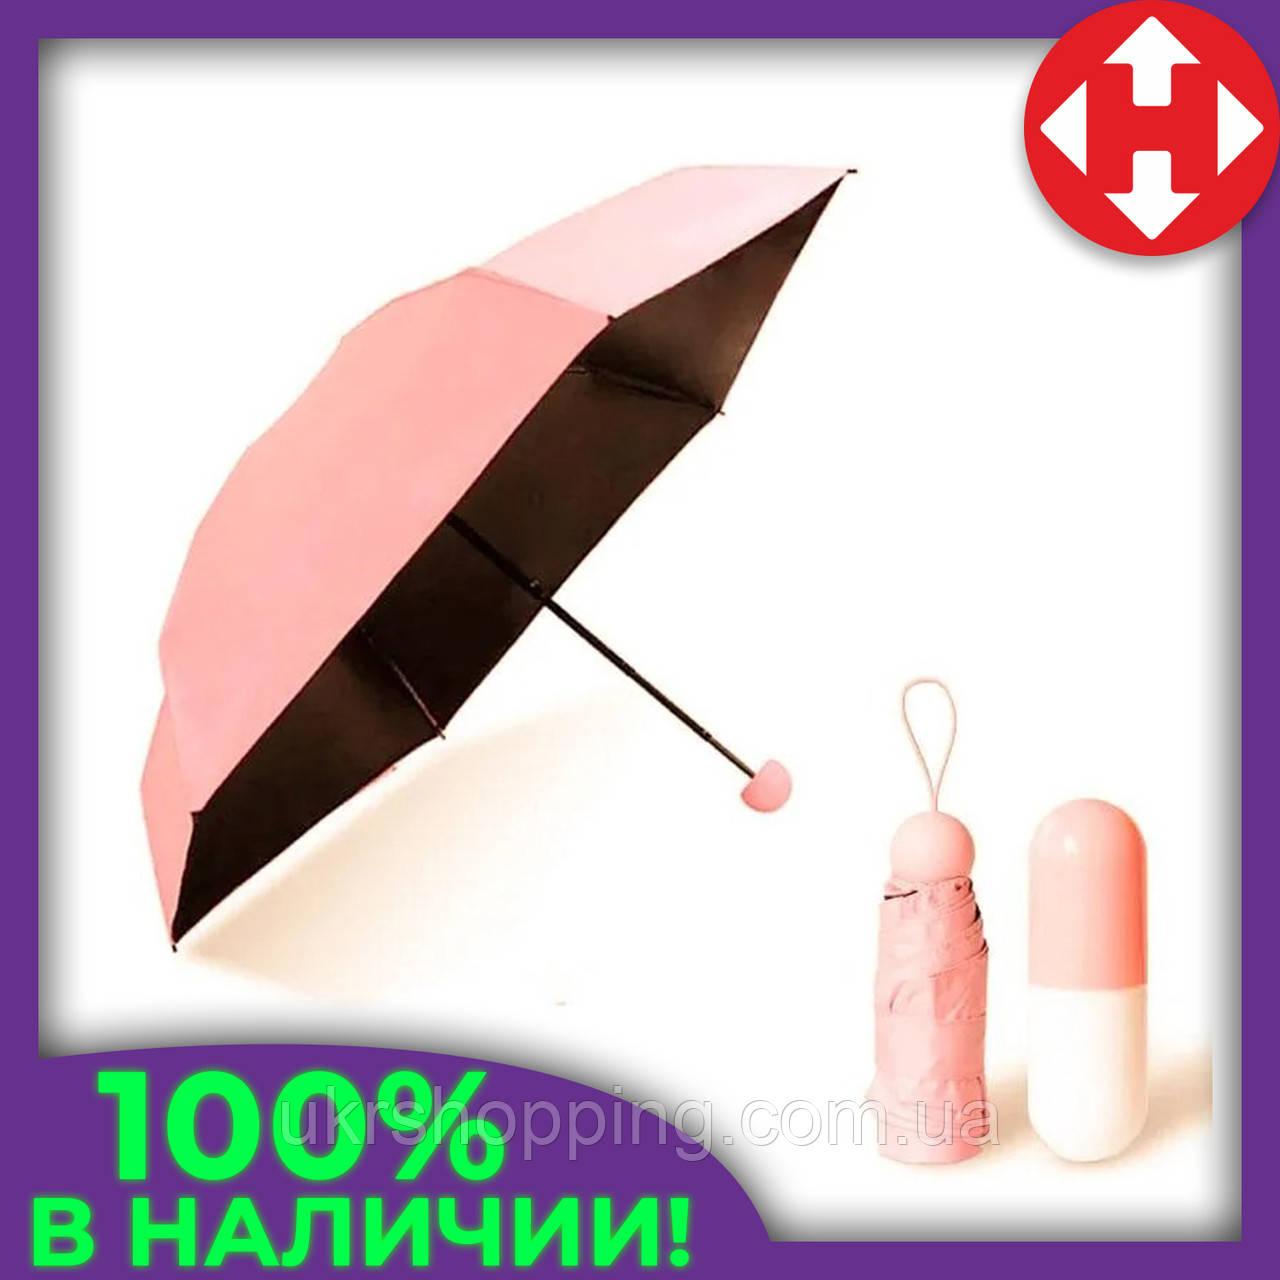 Распродажа! Детский зонтик капсула (Розовый) маленький карманный женский зонт от дождя - минизонт в капсуле